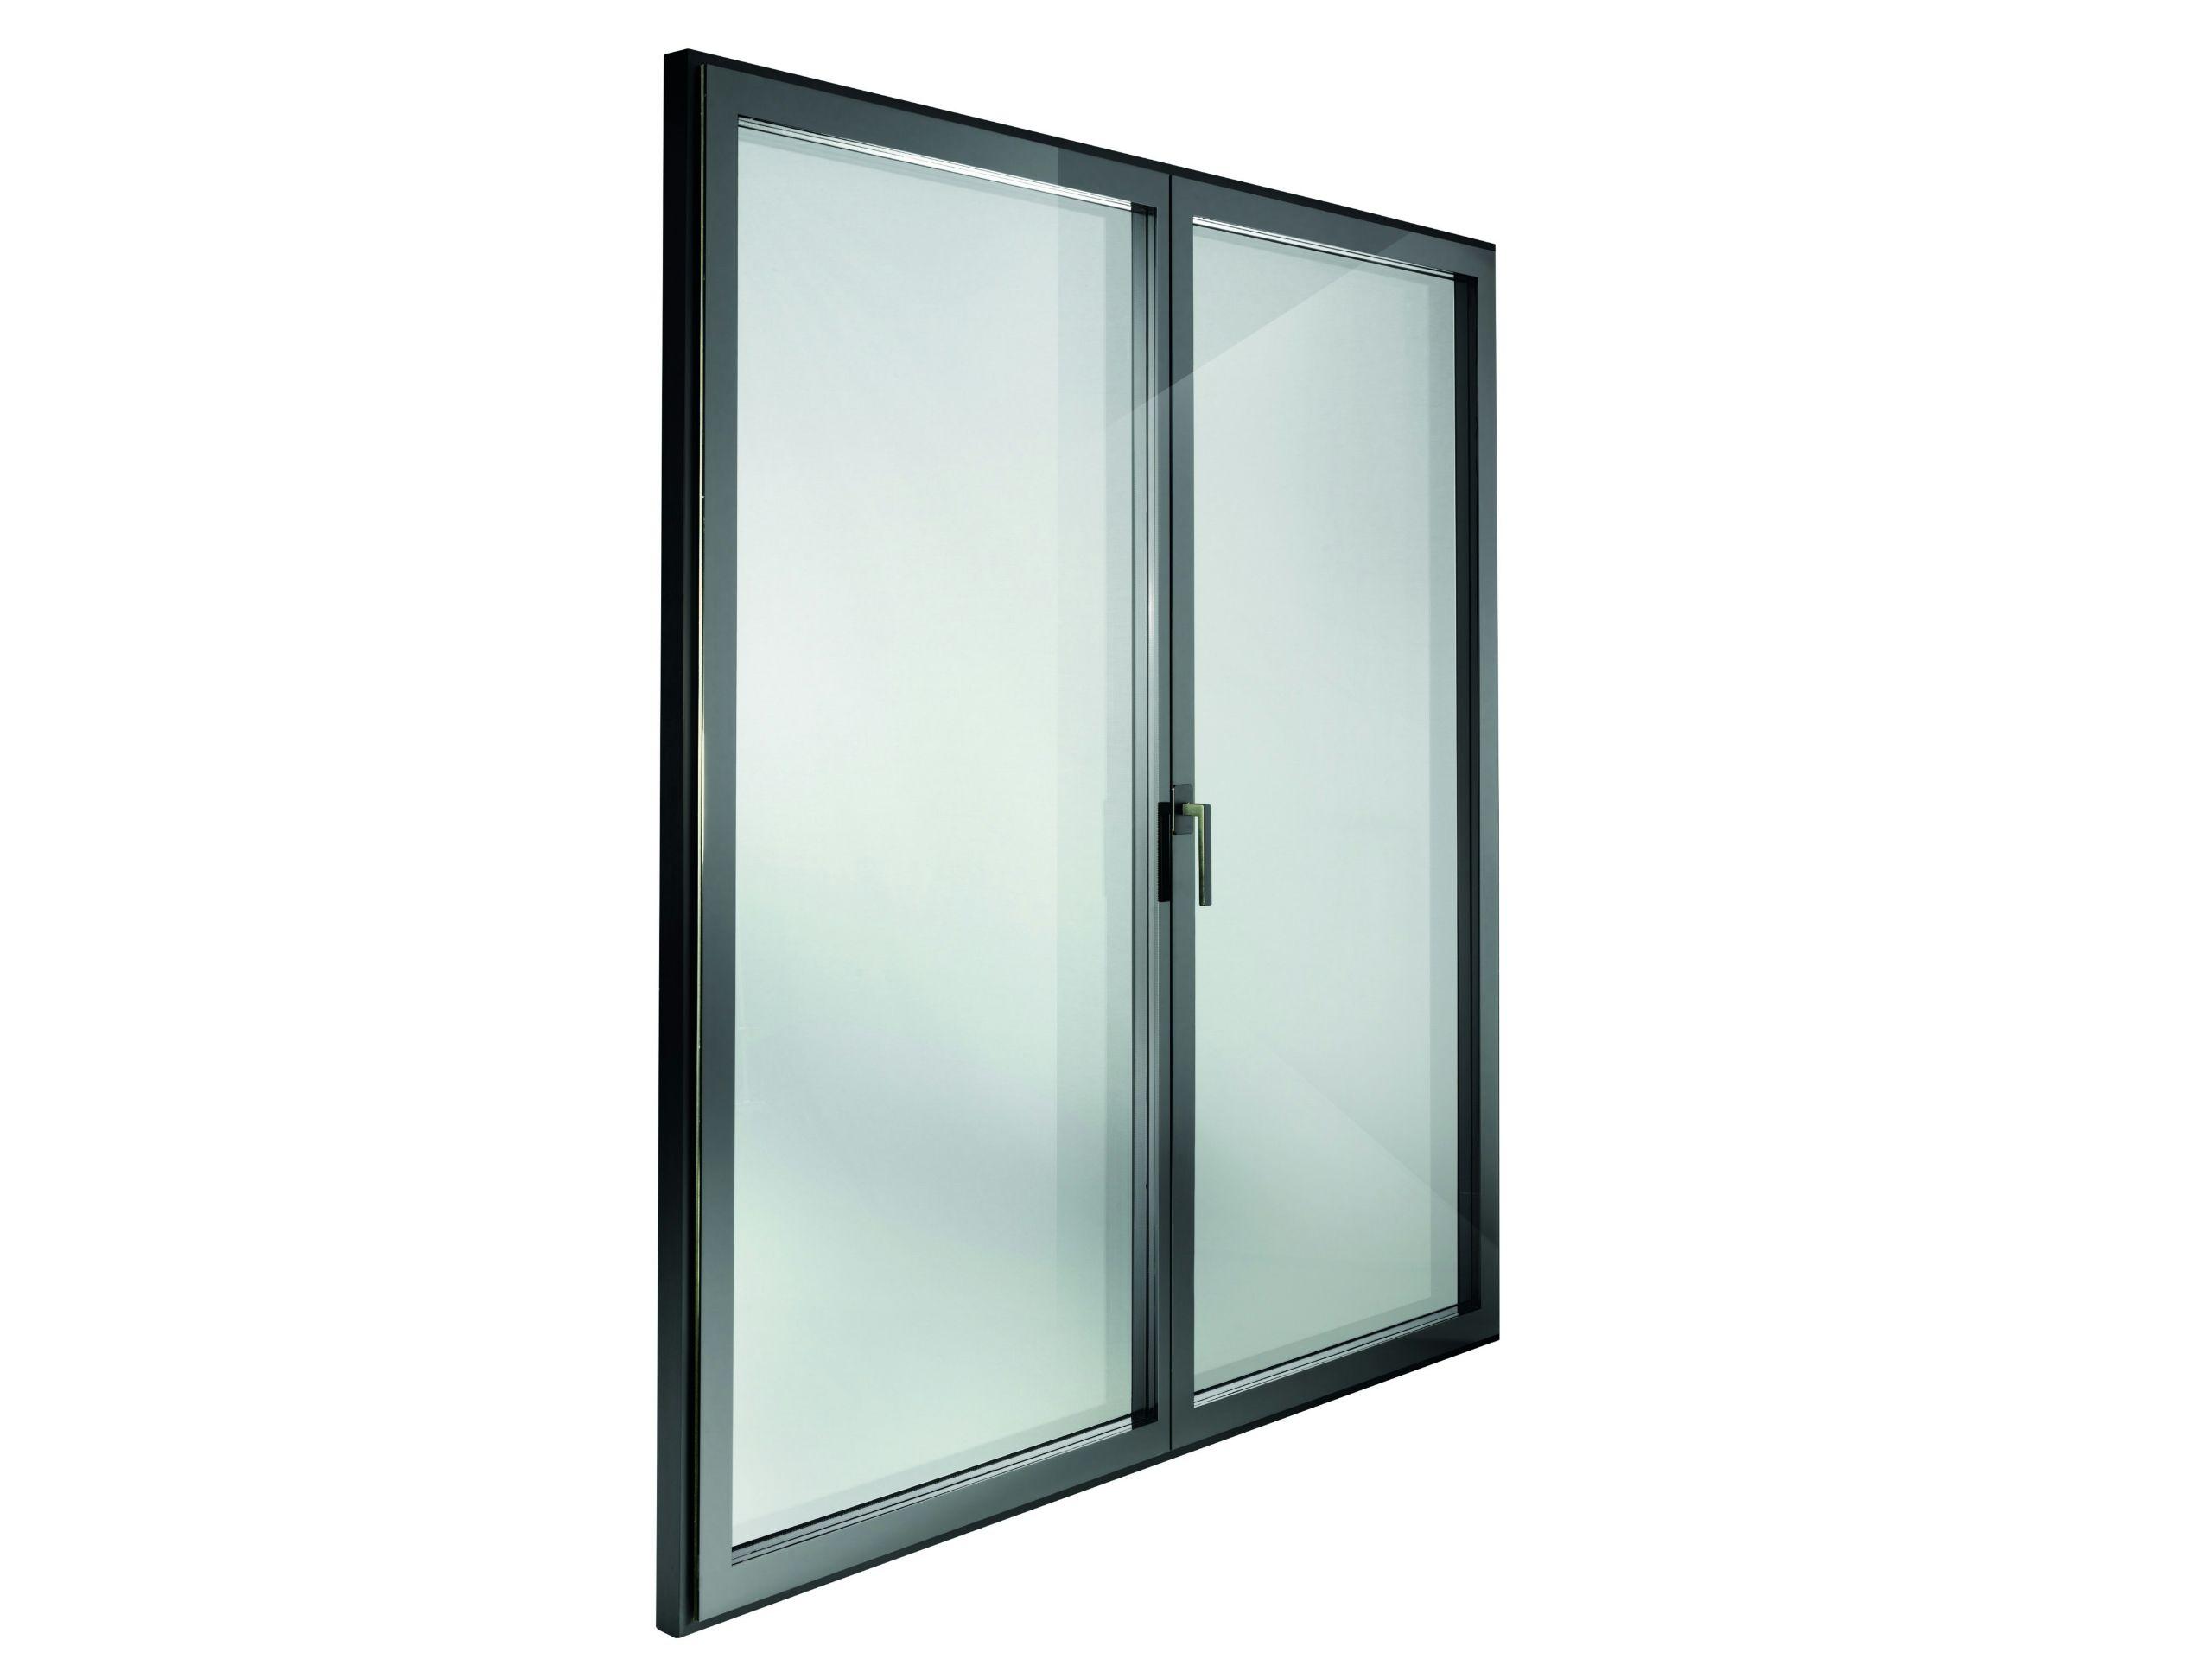 Finestra a battente a taglio termico con triplo vetro for Finestra 4 tolmezzo